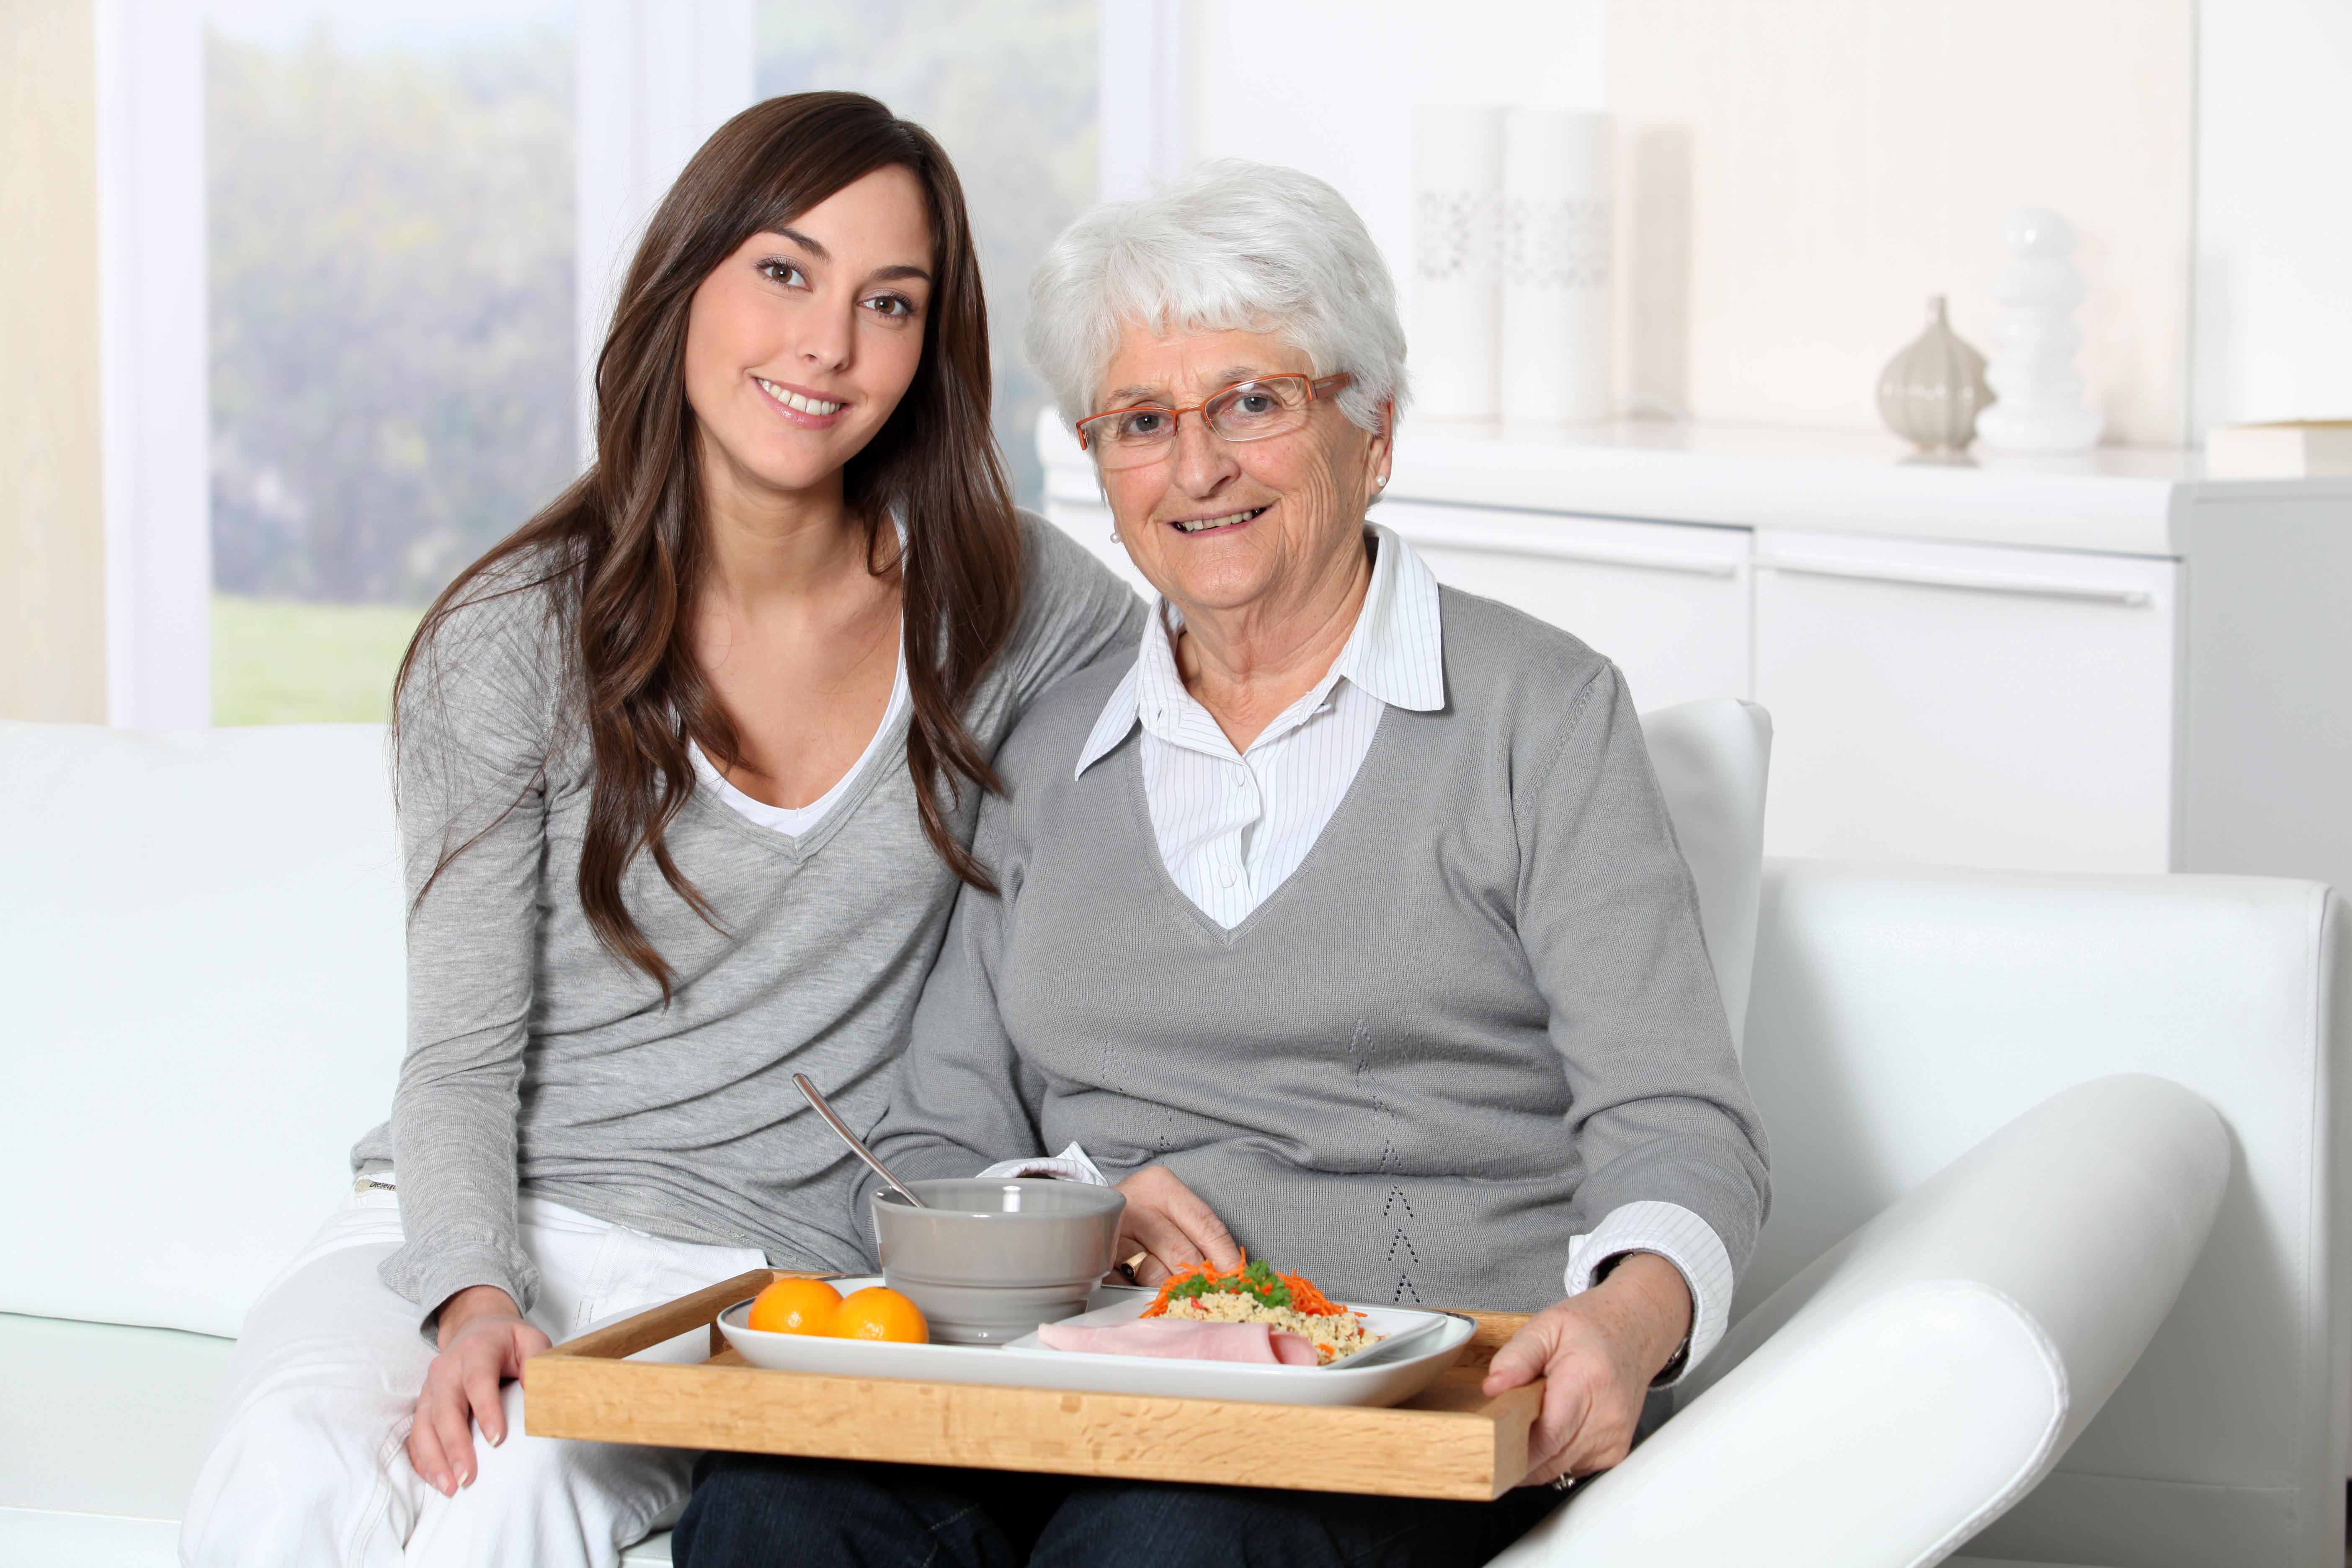 Les personnes âgées plus épanouies que les jeunes générations